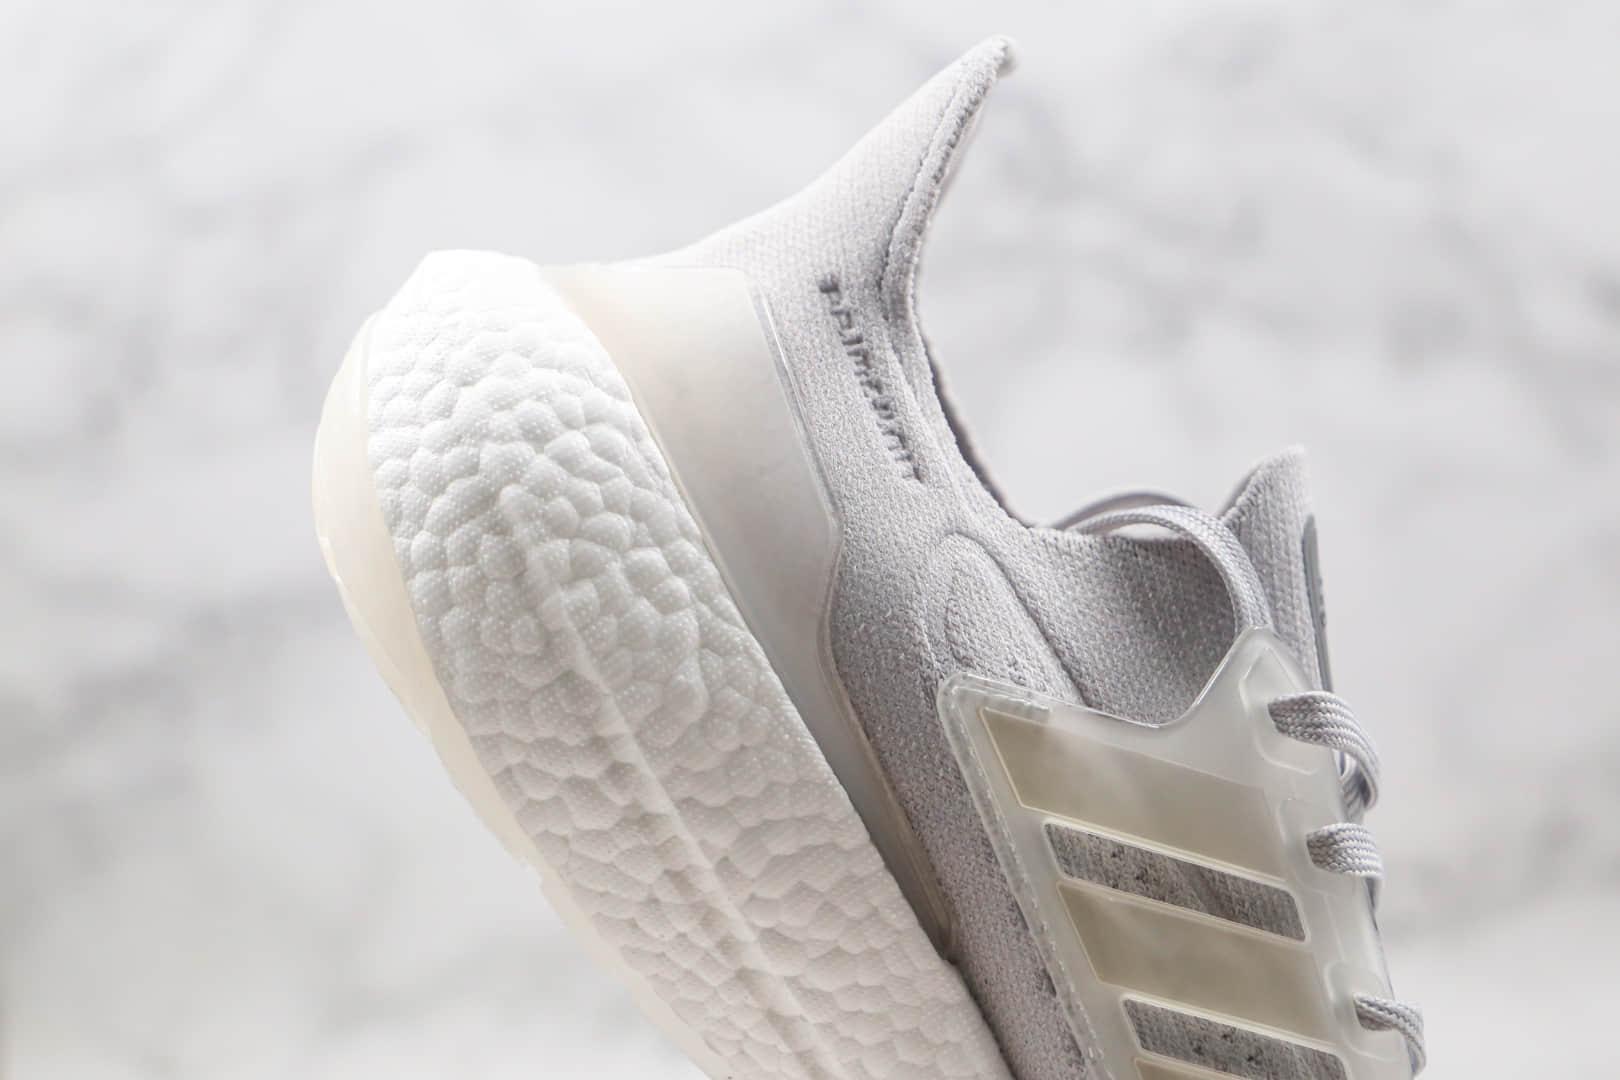 阿迪达斯adidas ultra boost 2021纯原版本爆米花跑鞋UB7.0白灰色原鞋开模一比一打造 货号:FY0556